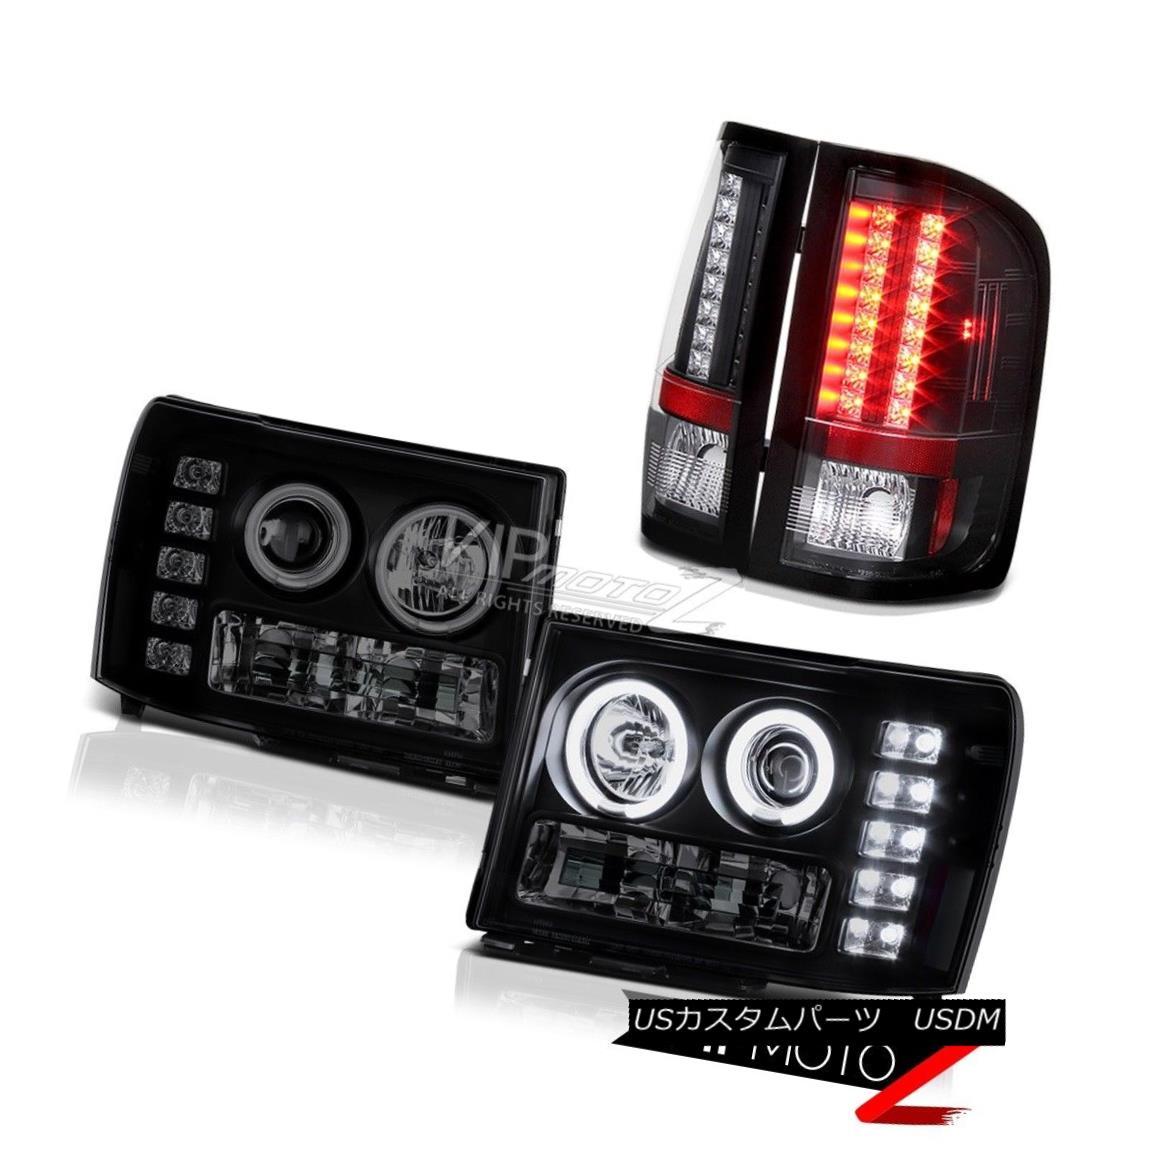 テールライト GMC Sierra Dually SLT 08-14 CCFL Tech Halo Rim Headlights Black LED Tail Lights GMC Sierra Dually SLT 08-14 CCFL Tech Halo RimヘッドライトブラックLEDテールライト